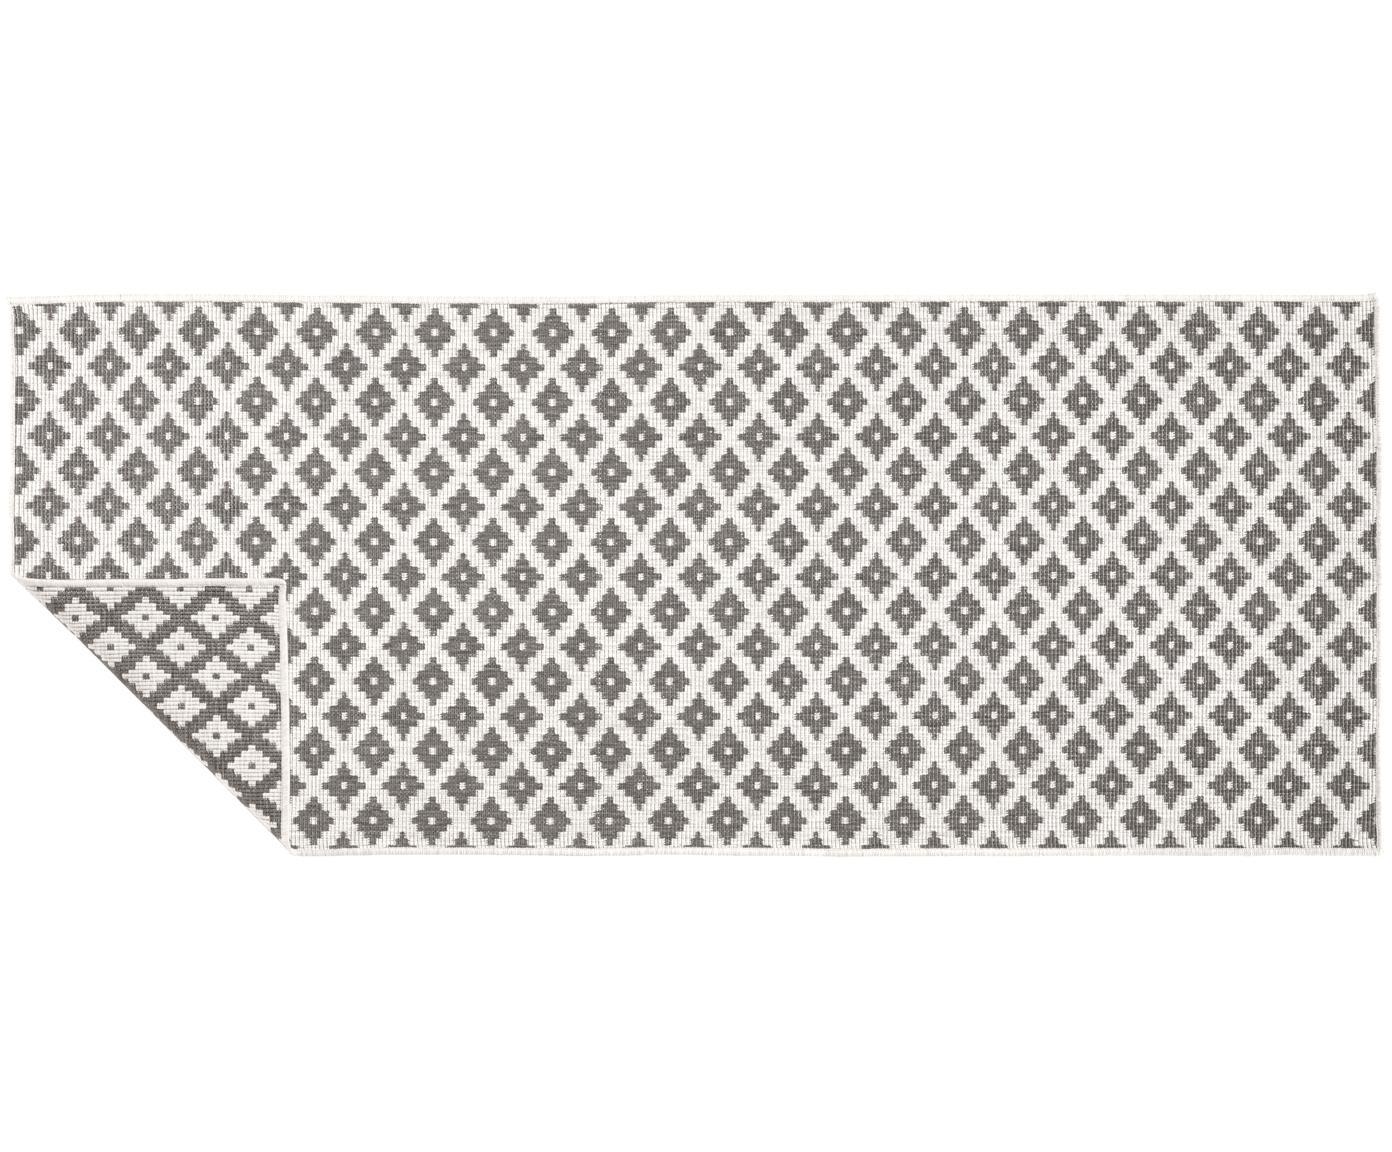 Dubbelzijdige in- & outdoor loper Nizza, Grijs, crèmekleurig, 80 x 250 cm